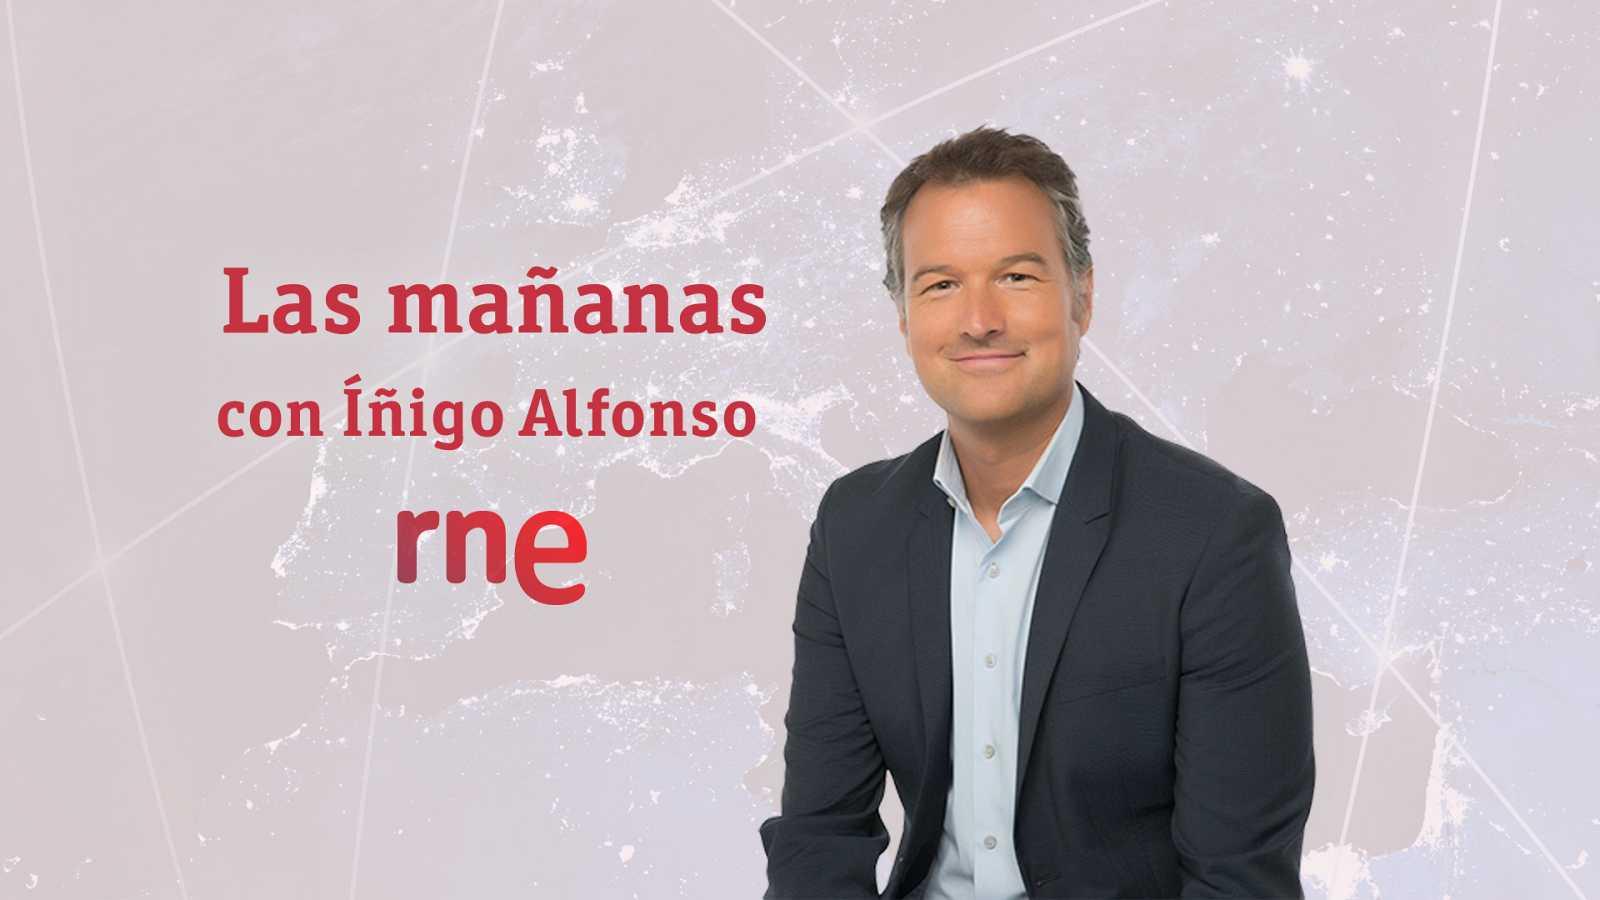 Las mañanas de RNE con Íñigo Alfonso - Primera hora - 23/03/20 - escuchar ahora